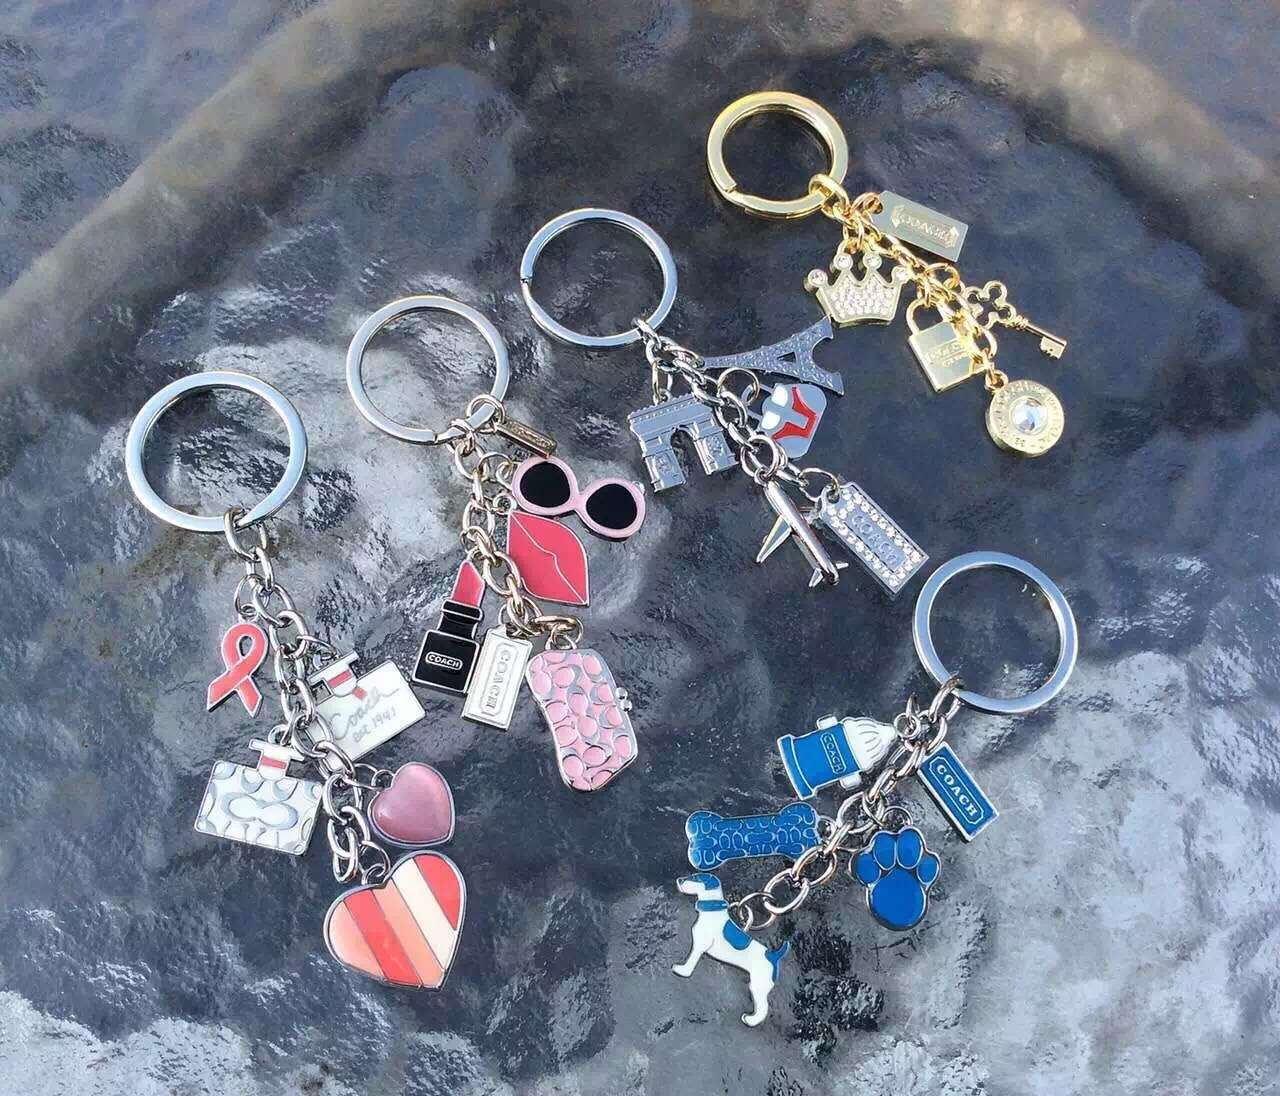 下單後再加50元就送COACH鑰匙扣一個,每人限購一件。